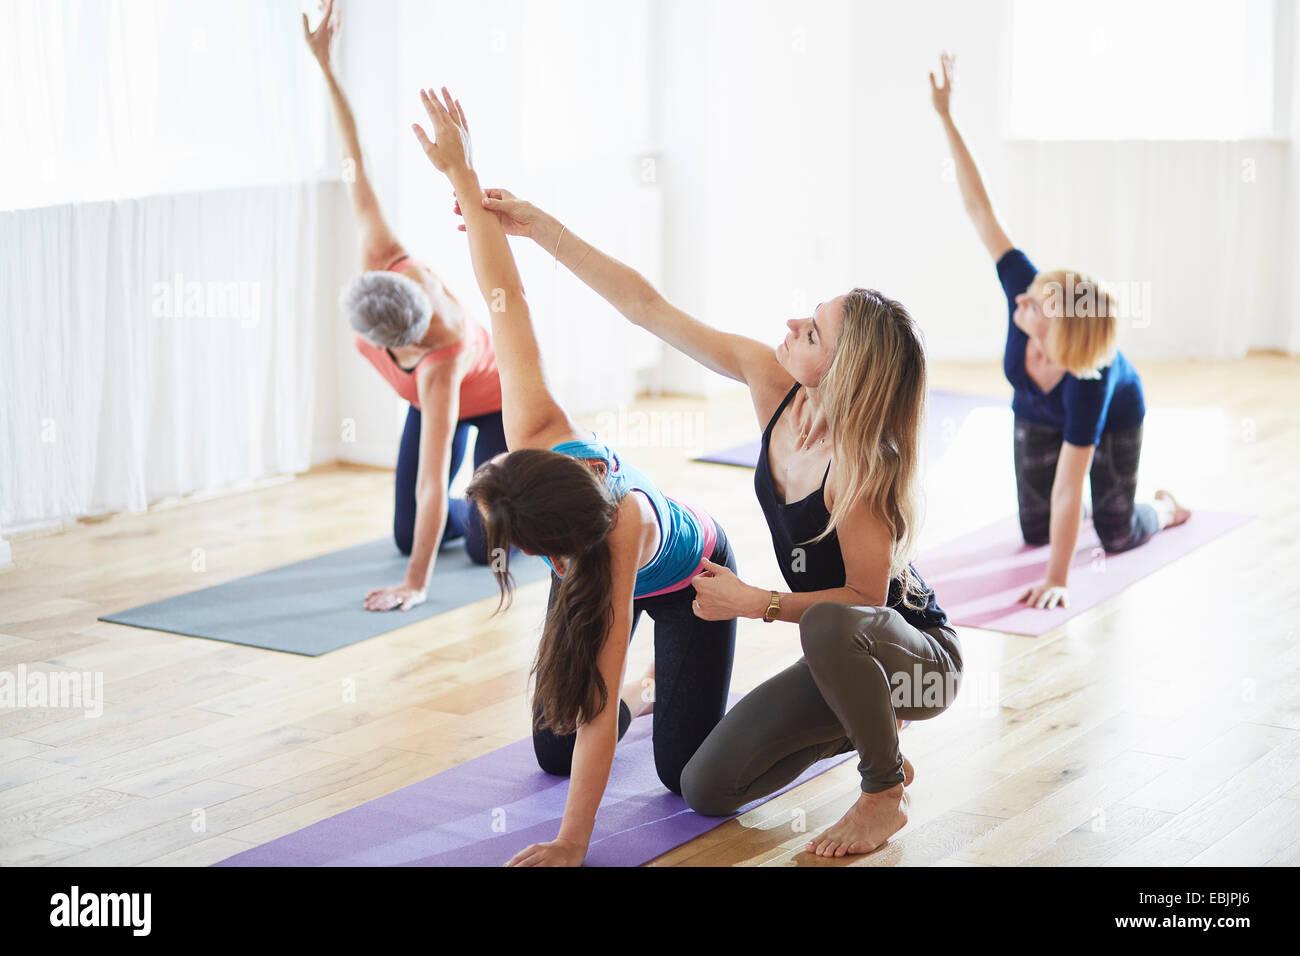 Le donne inginocchiandosi e i bracci di sollevamento nella classe di pilates Immagini Stock